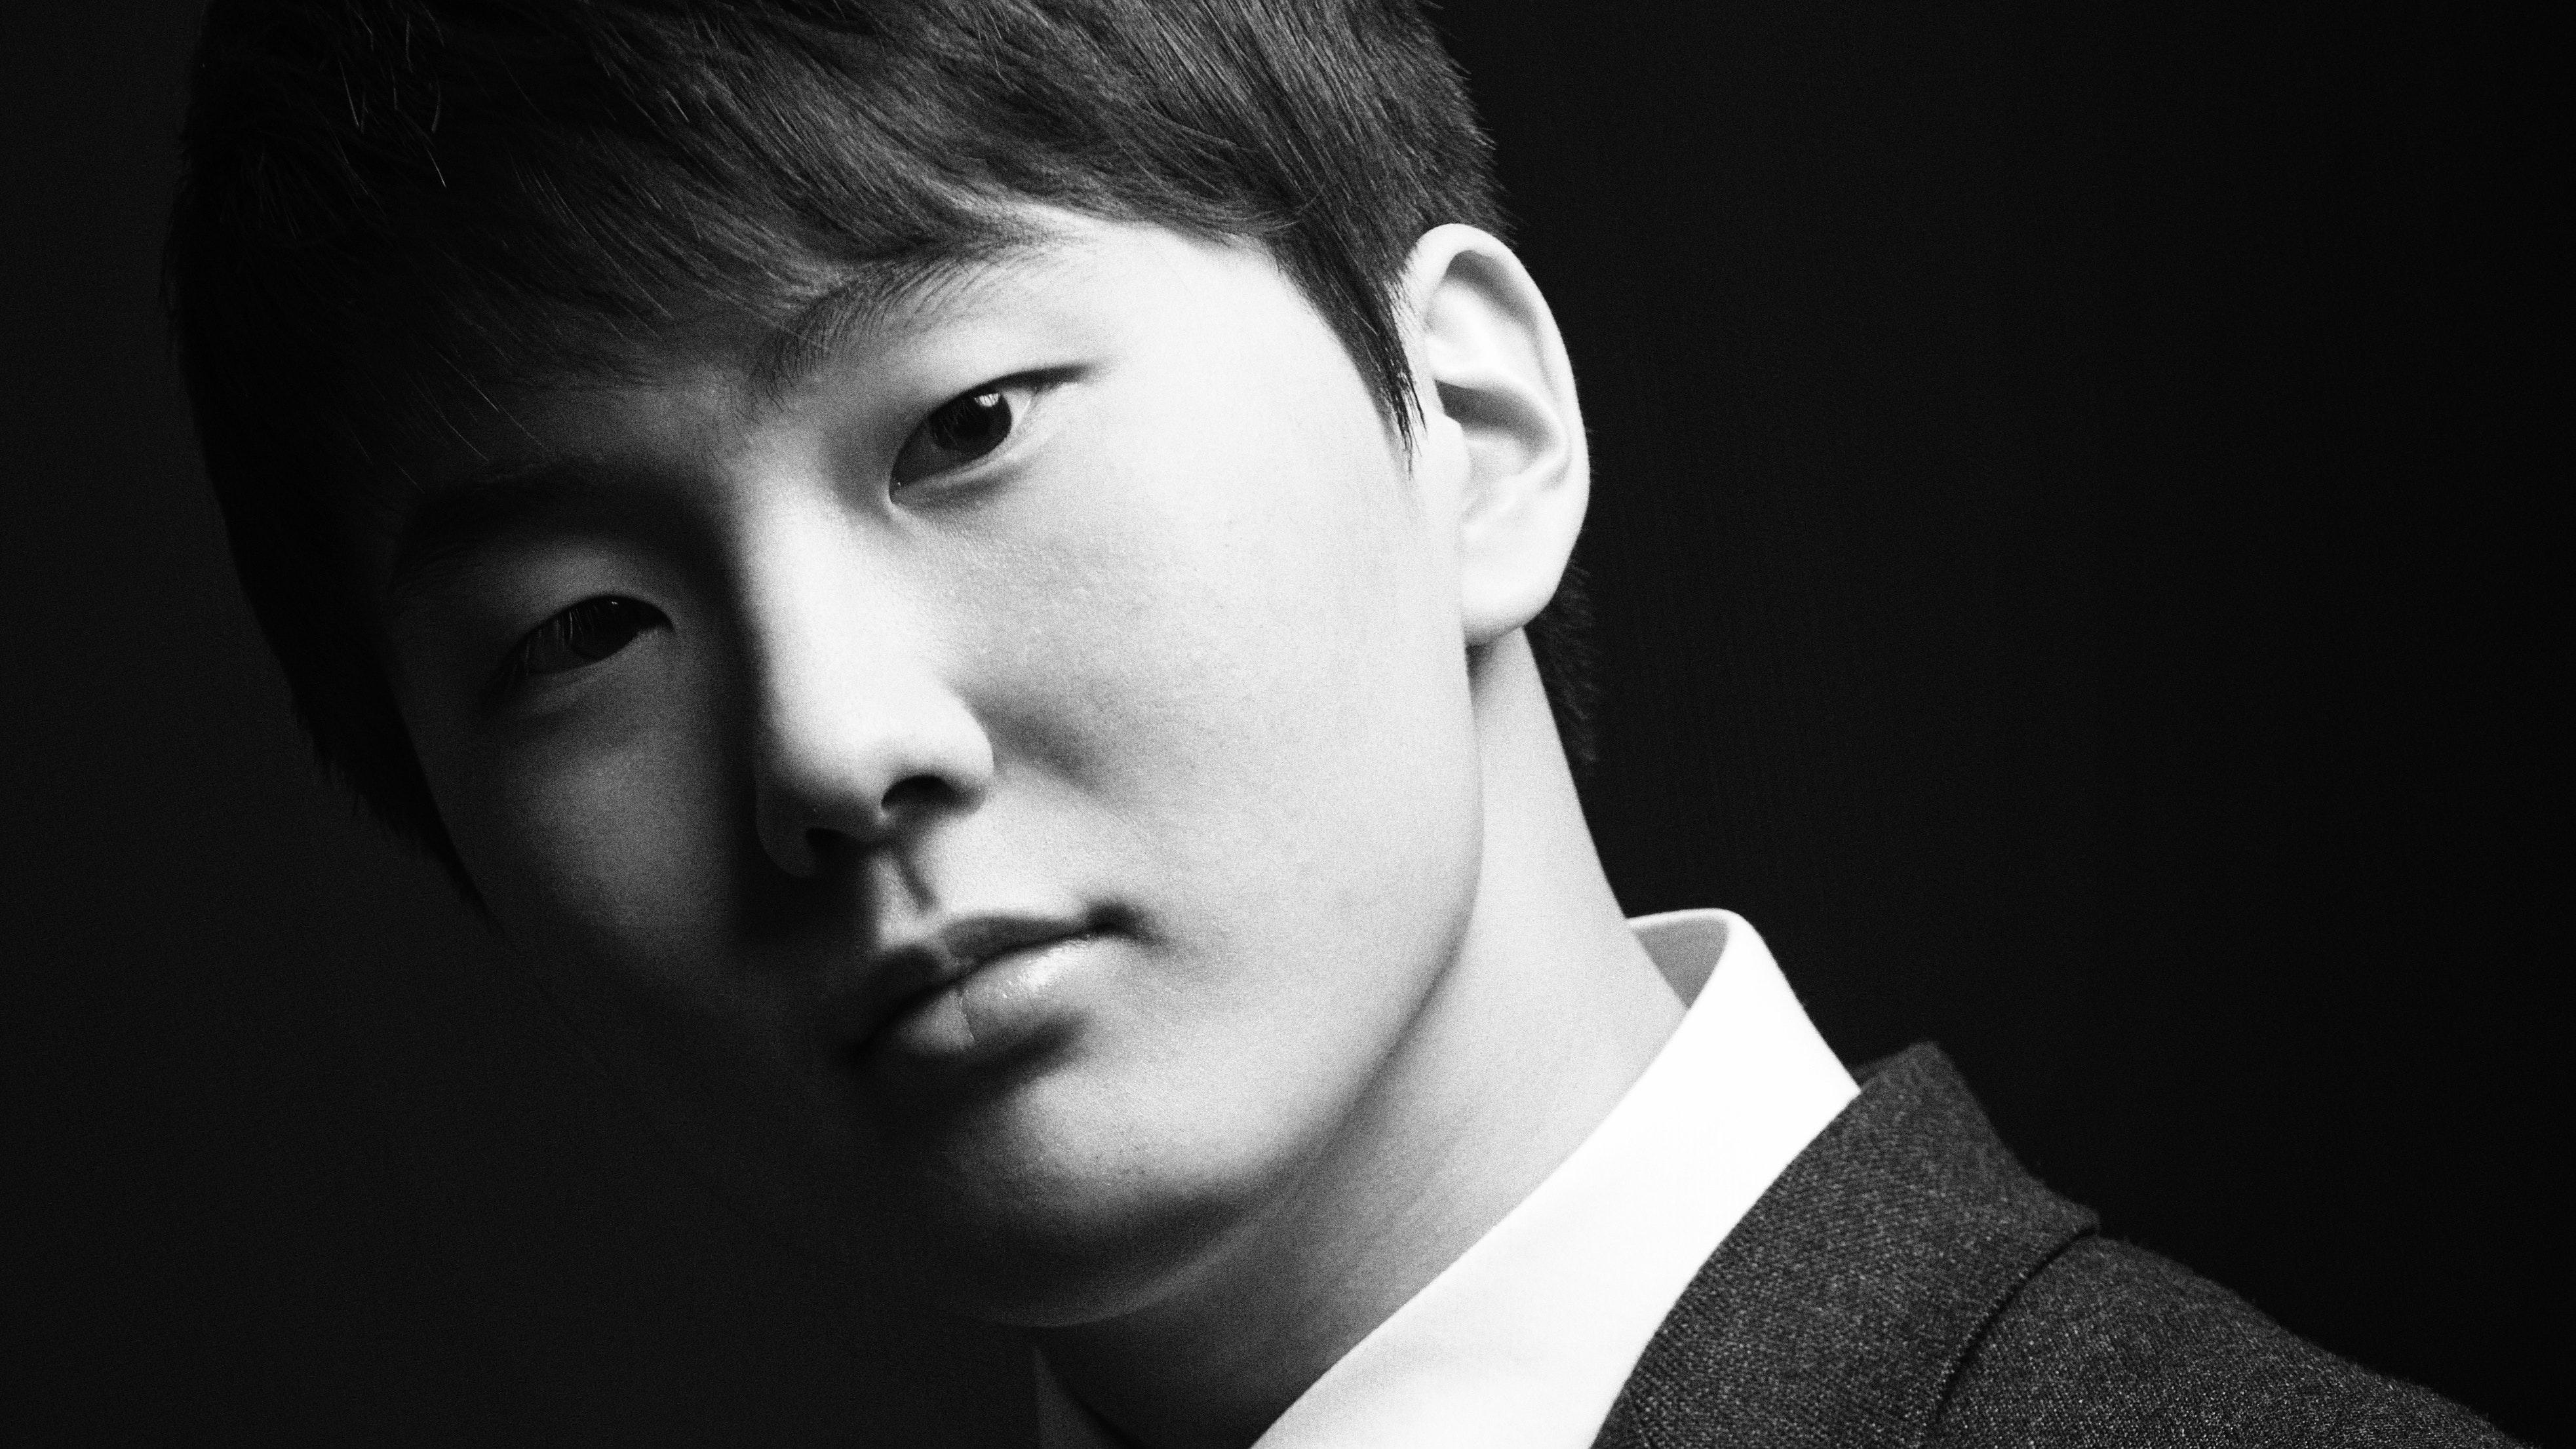 Seong-Jin Cho plays Mozart and Schubert